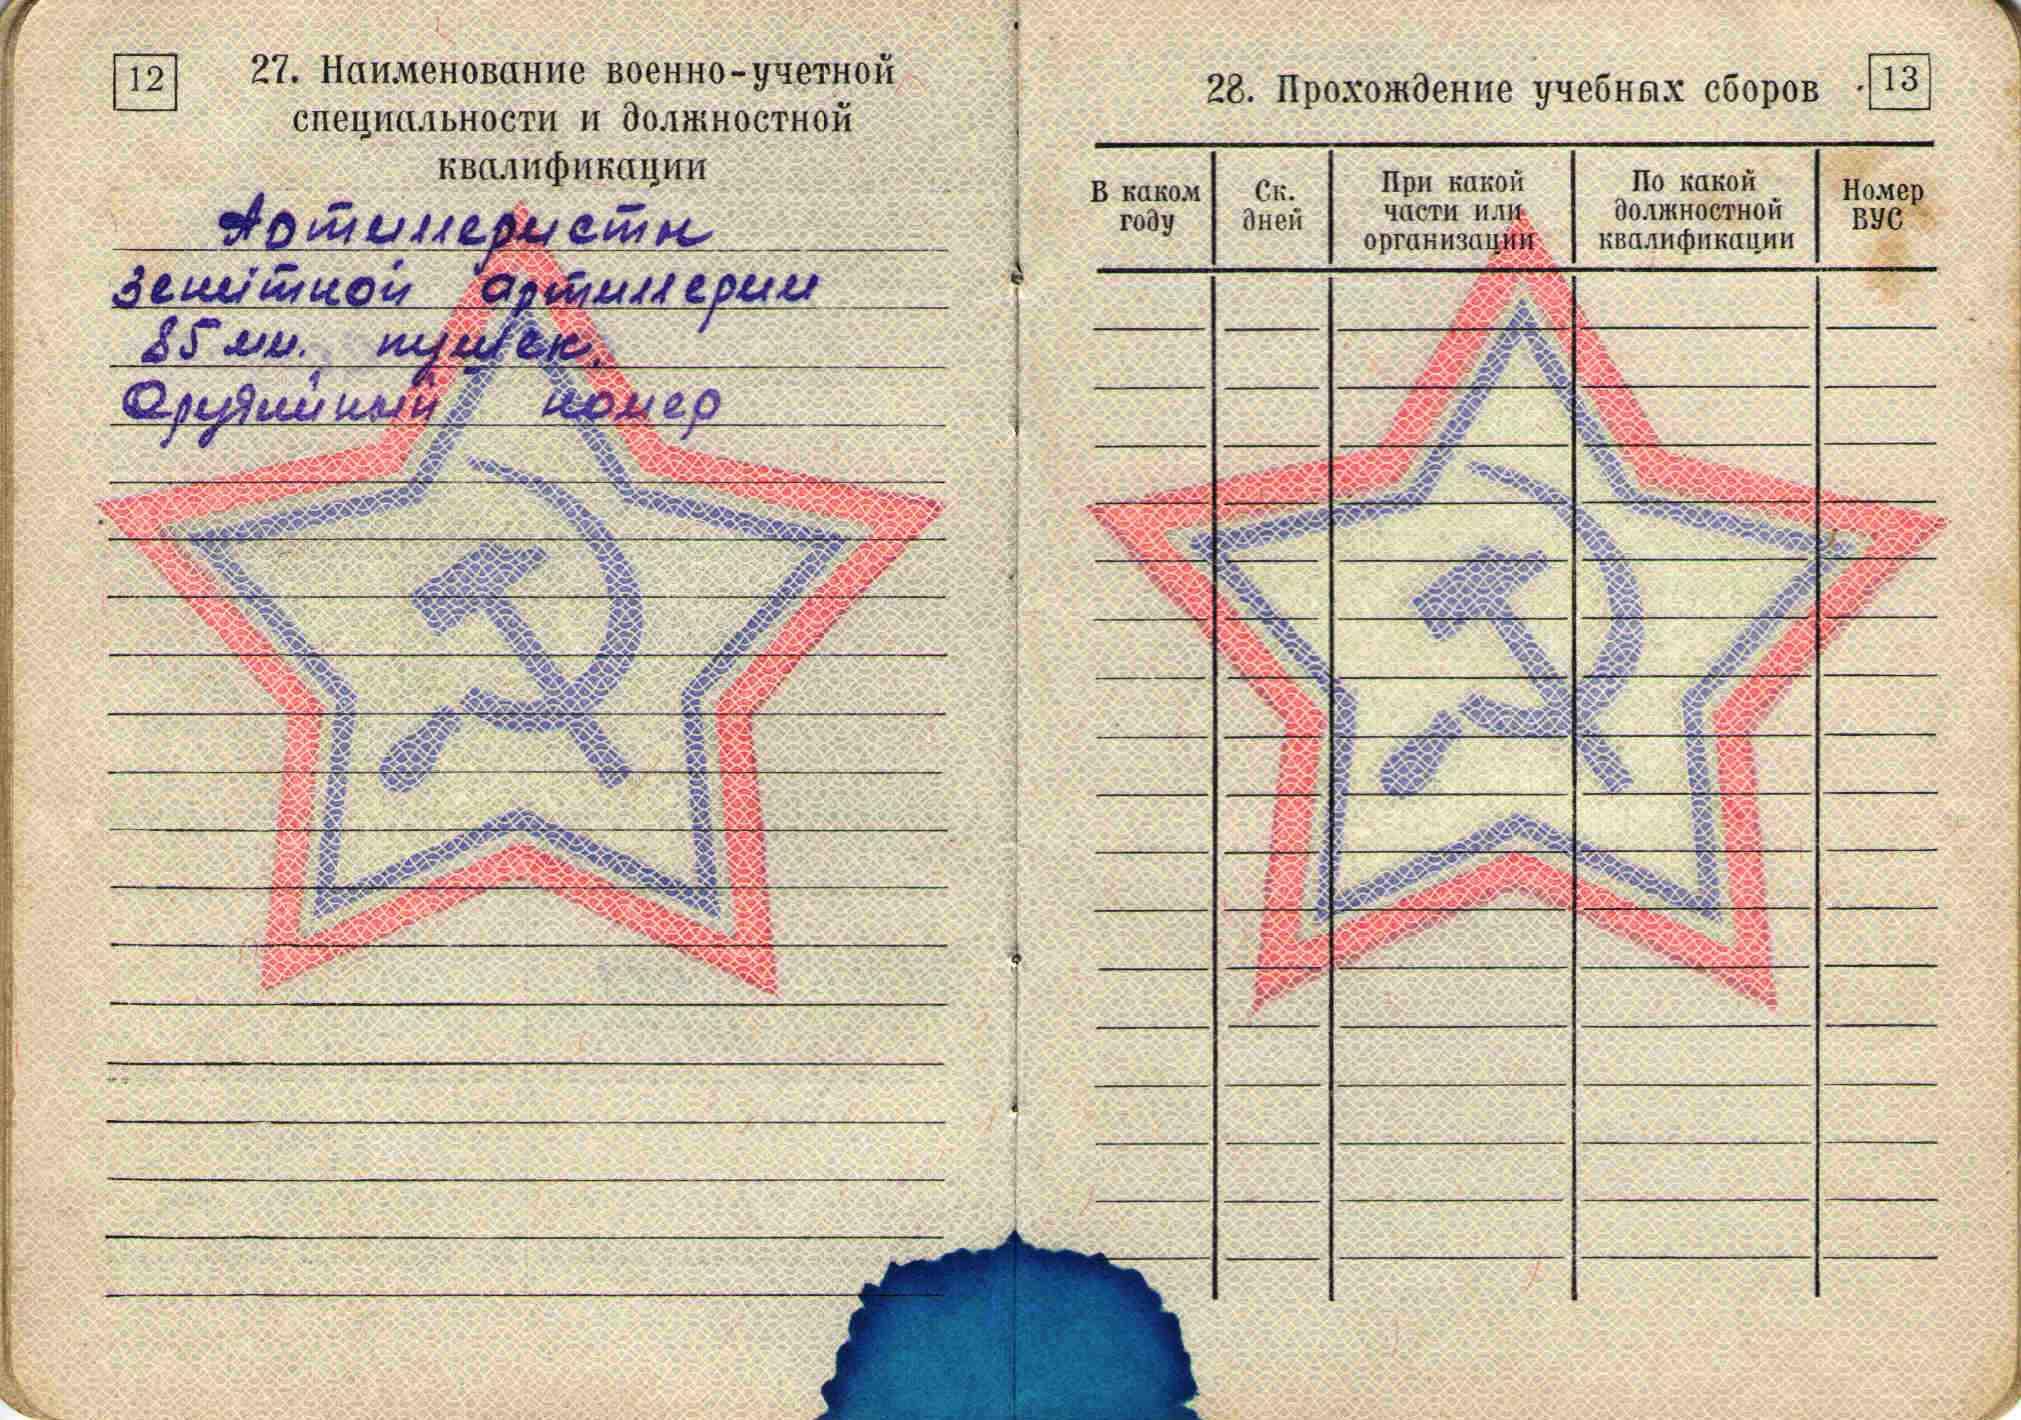 Сколиоз какая статья в военном билете